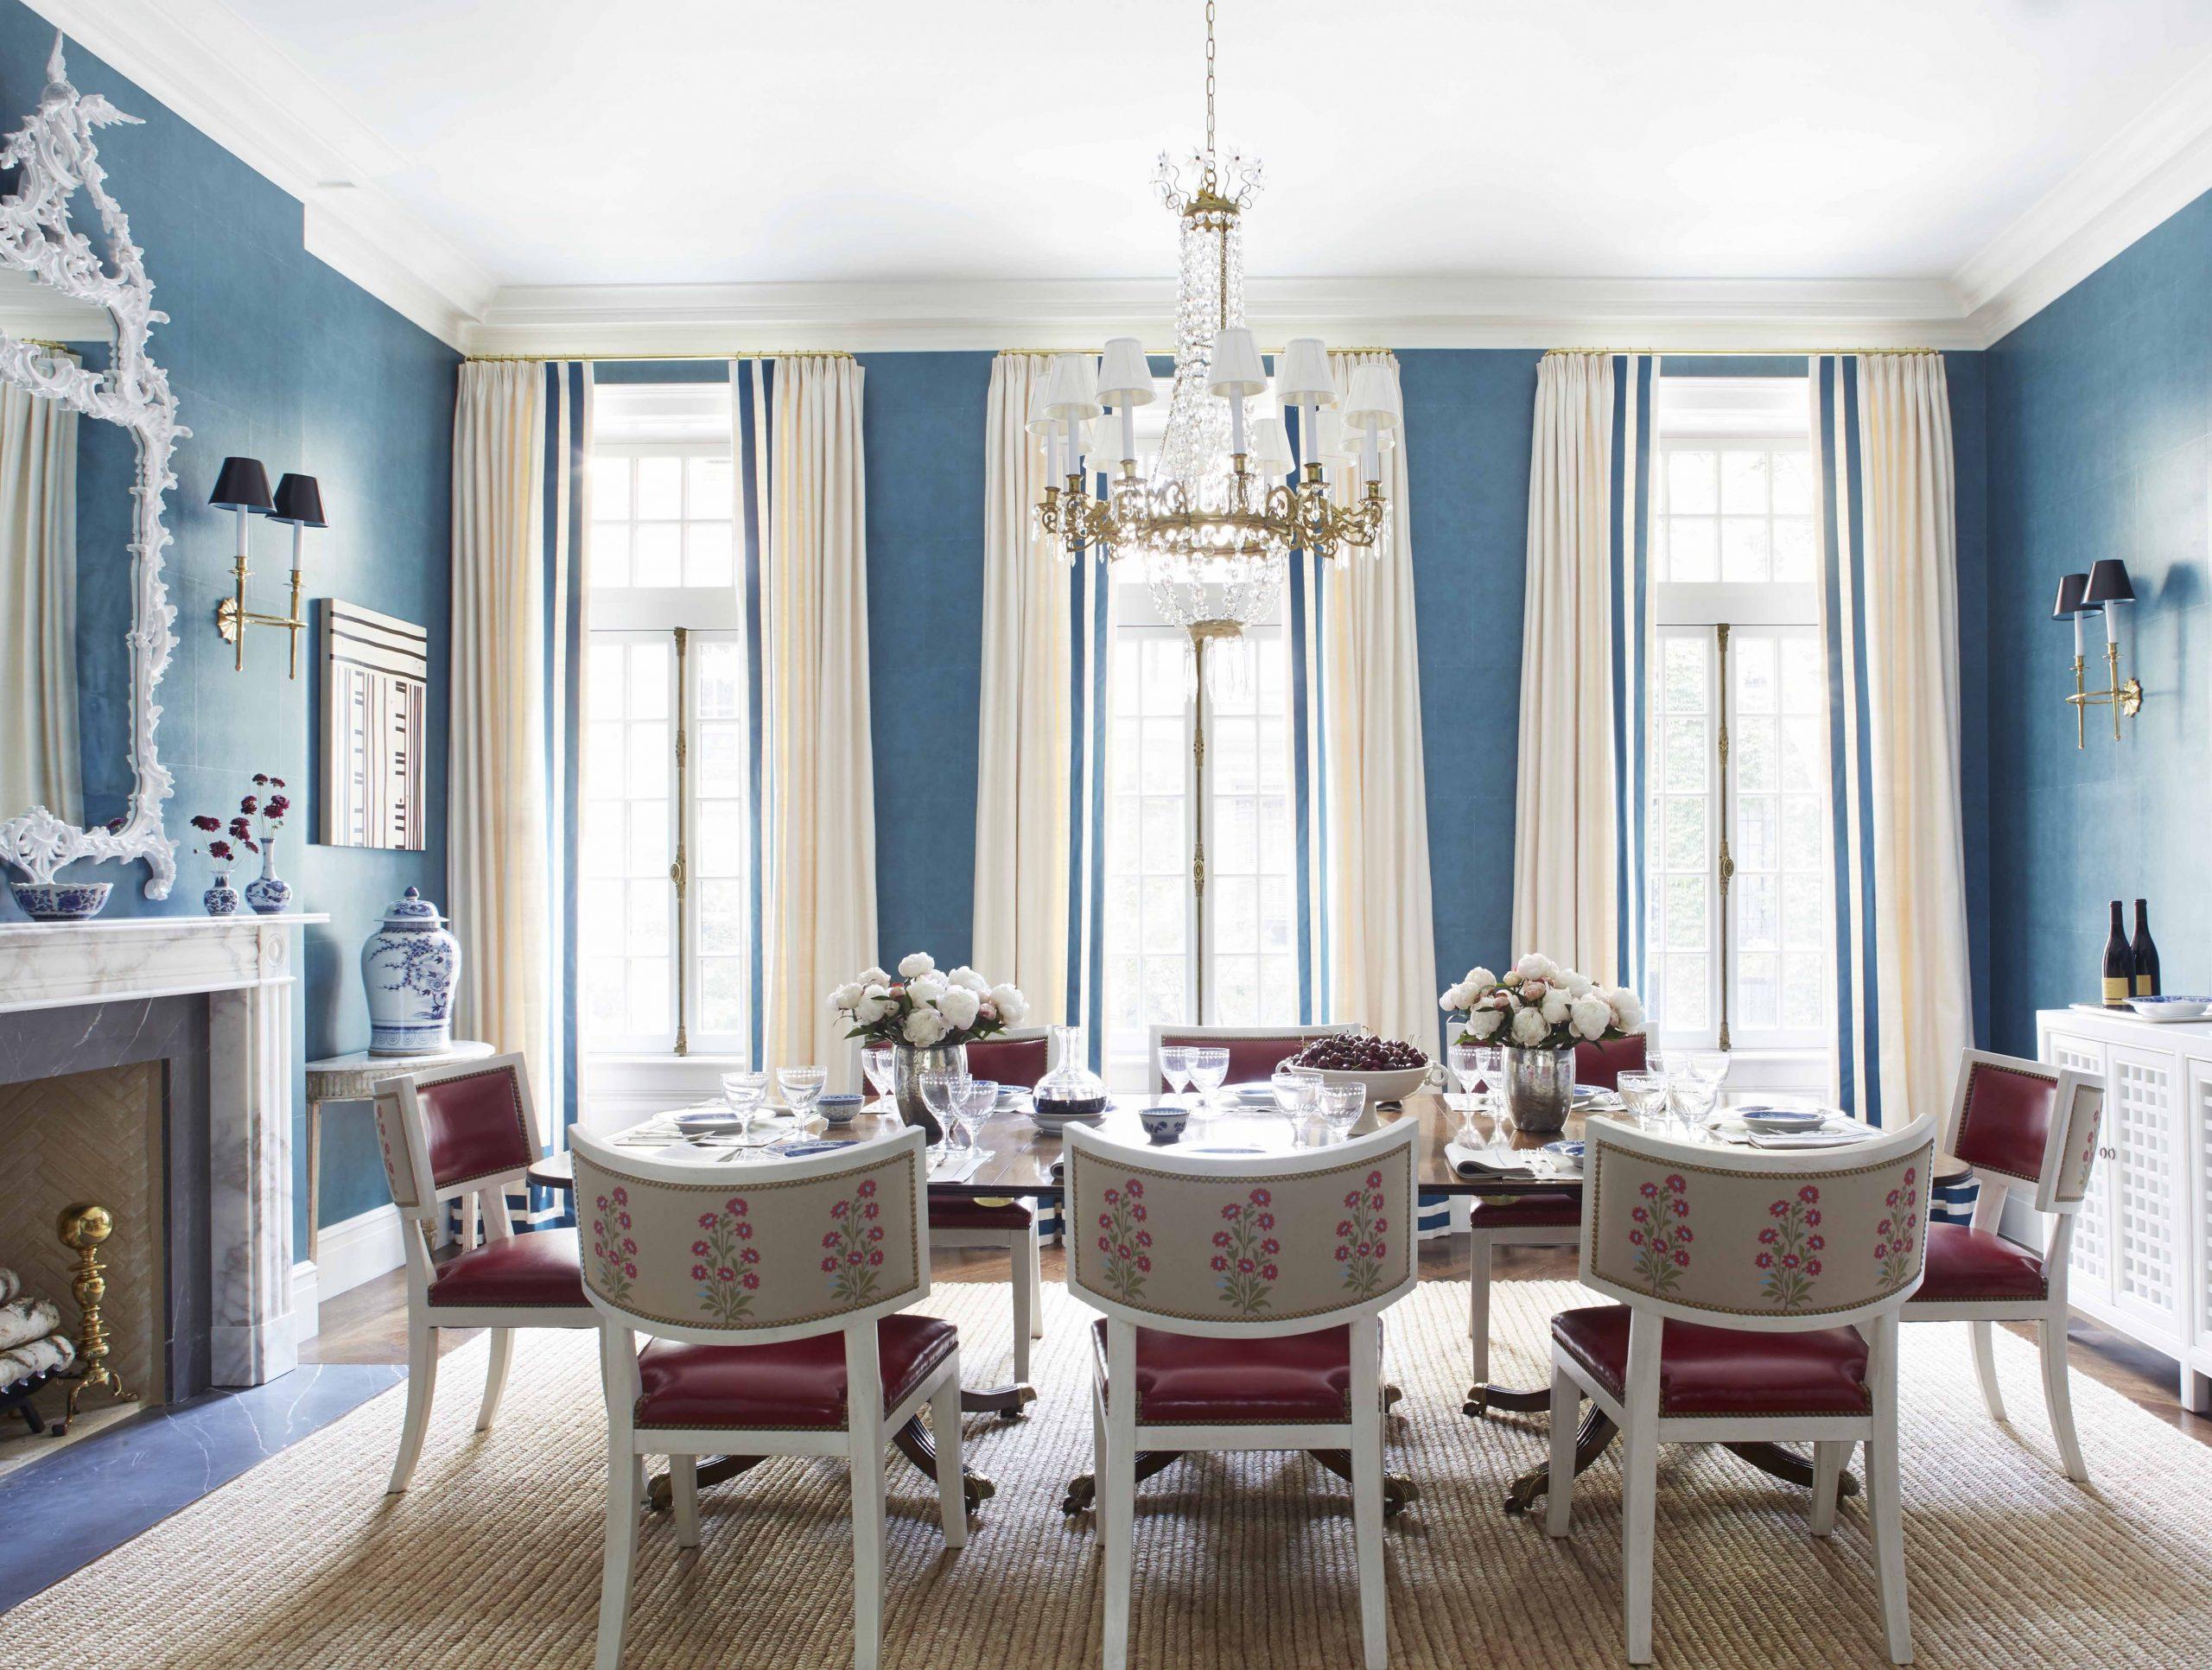 8+ Best Dining Room Ideas – Designer Dining Rooms & Decor - Dining Room Ideas Blue